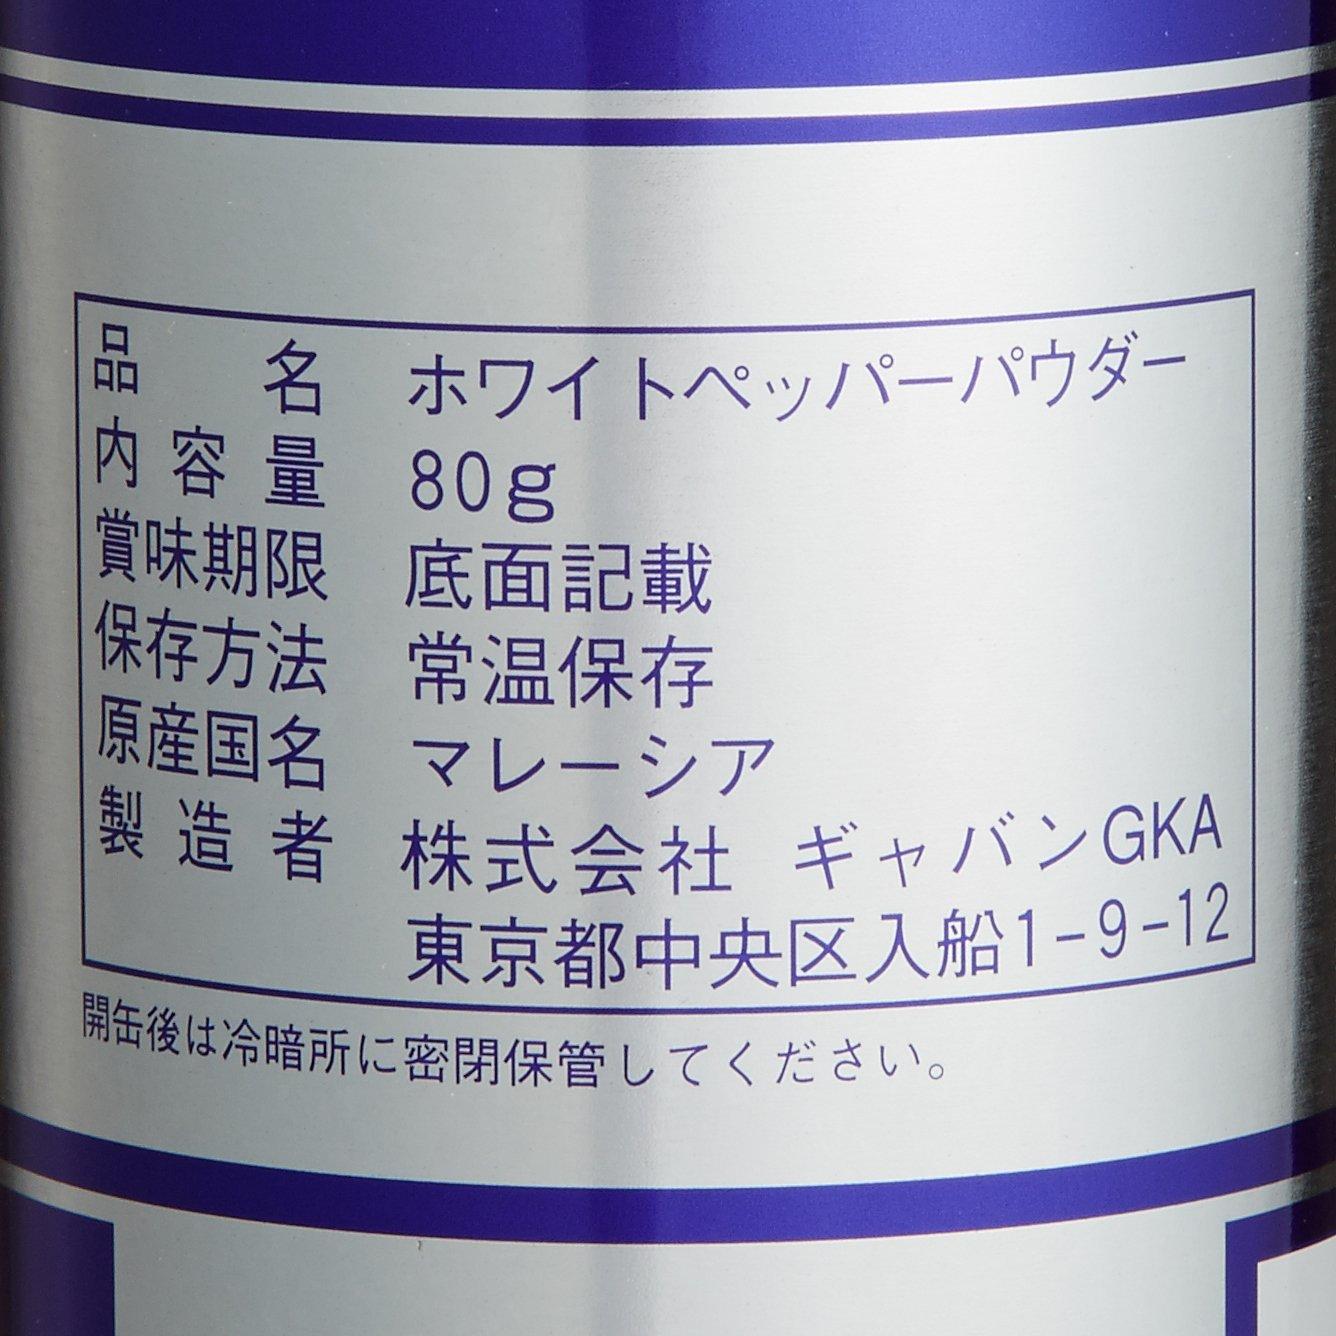 80gX2 this white pepper powder